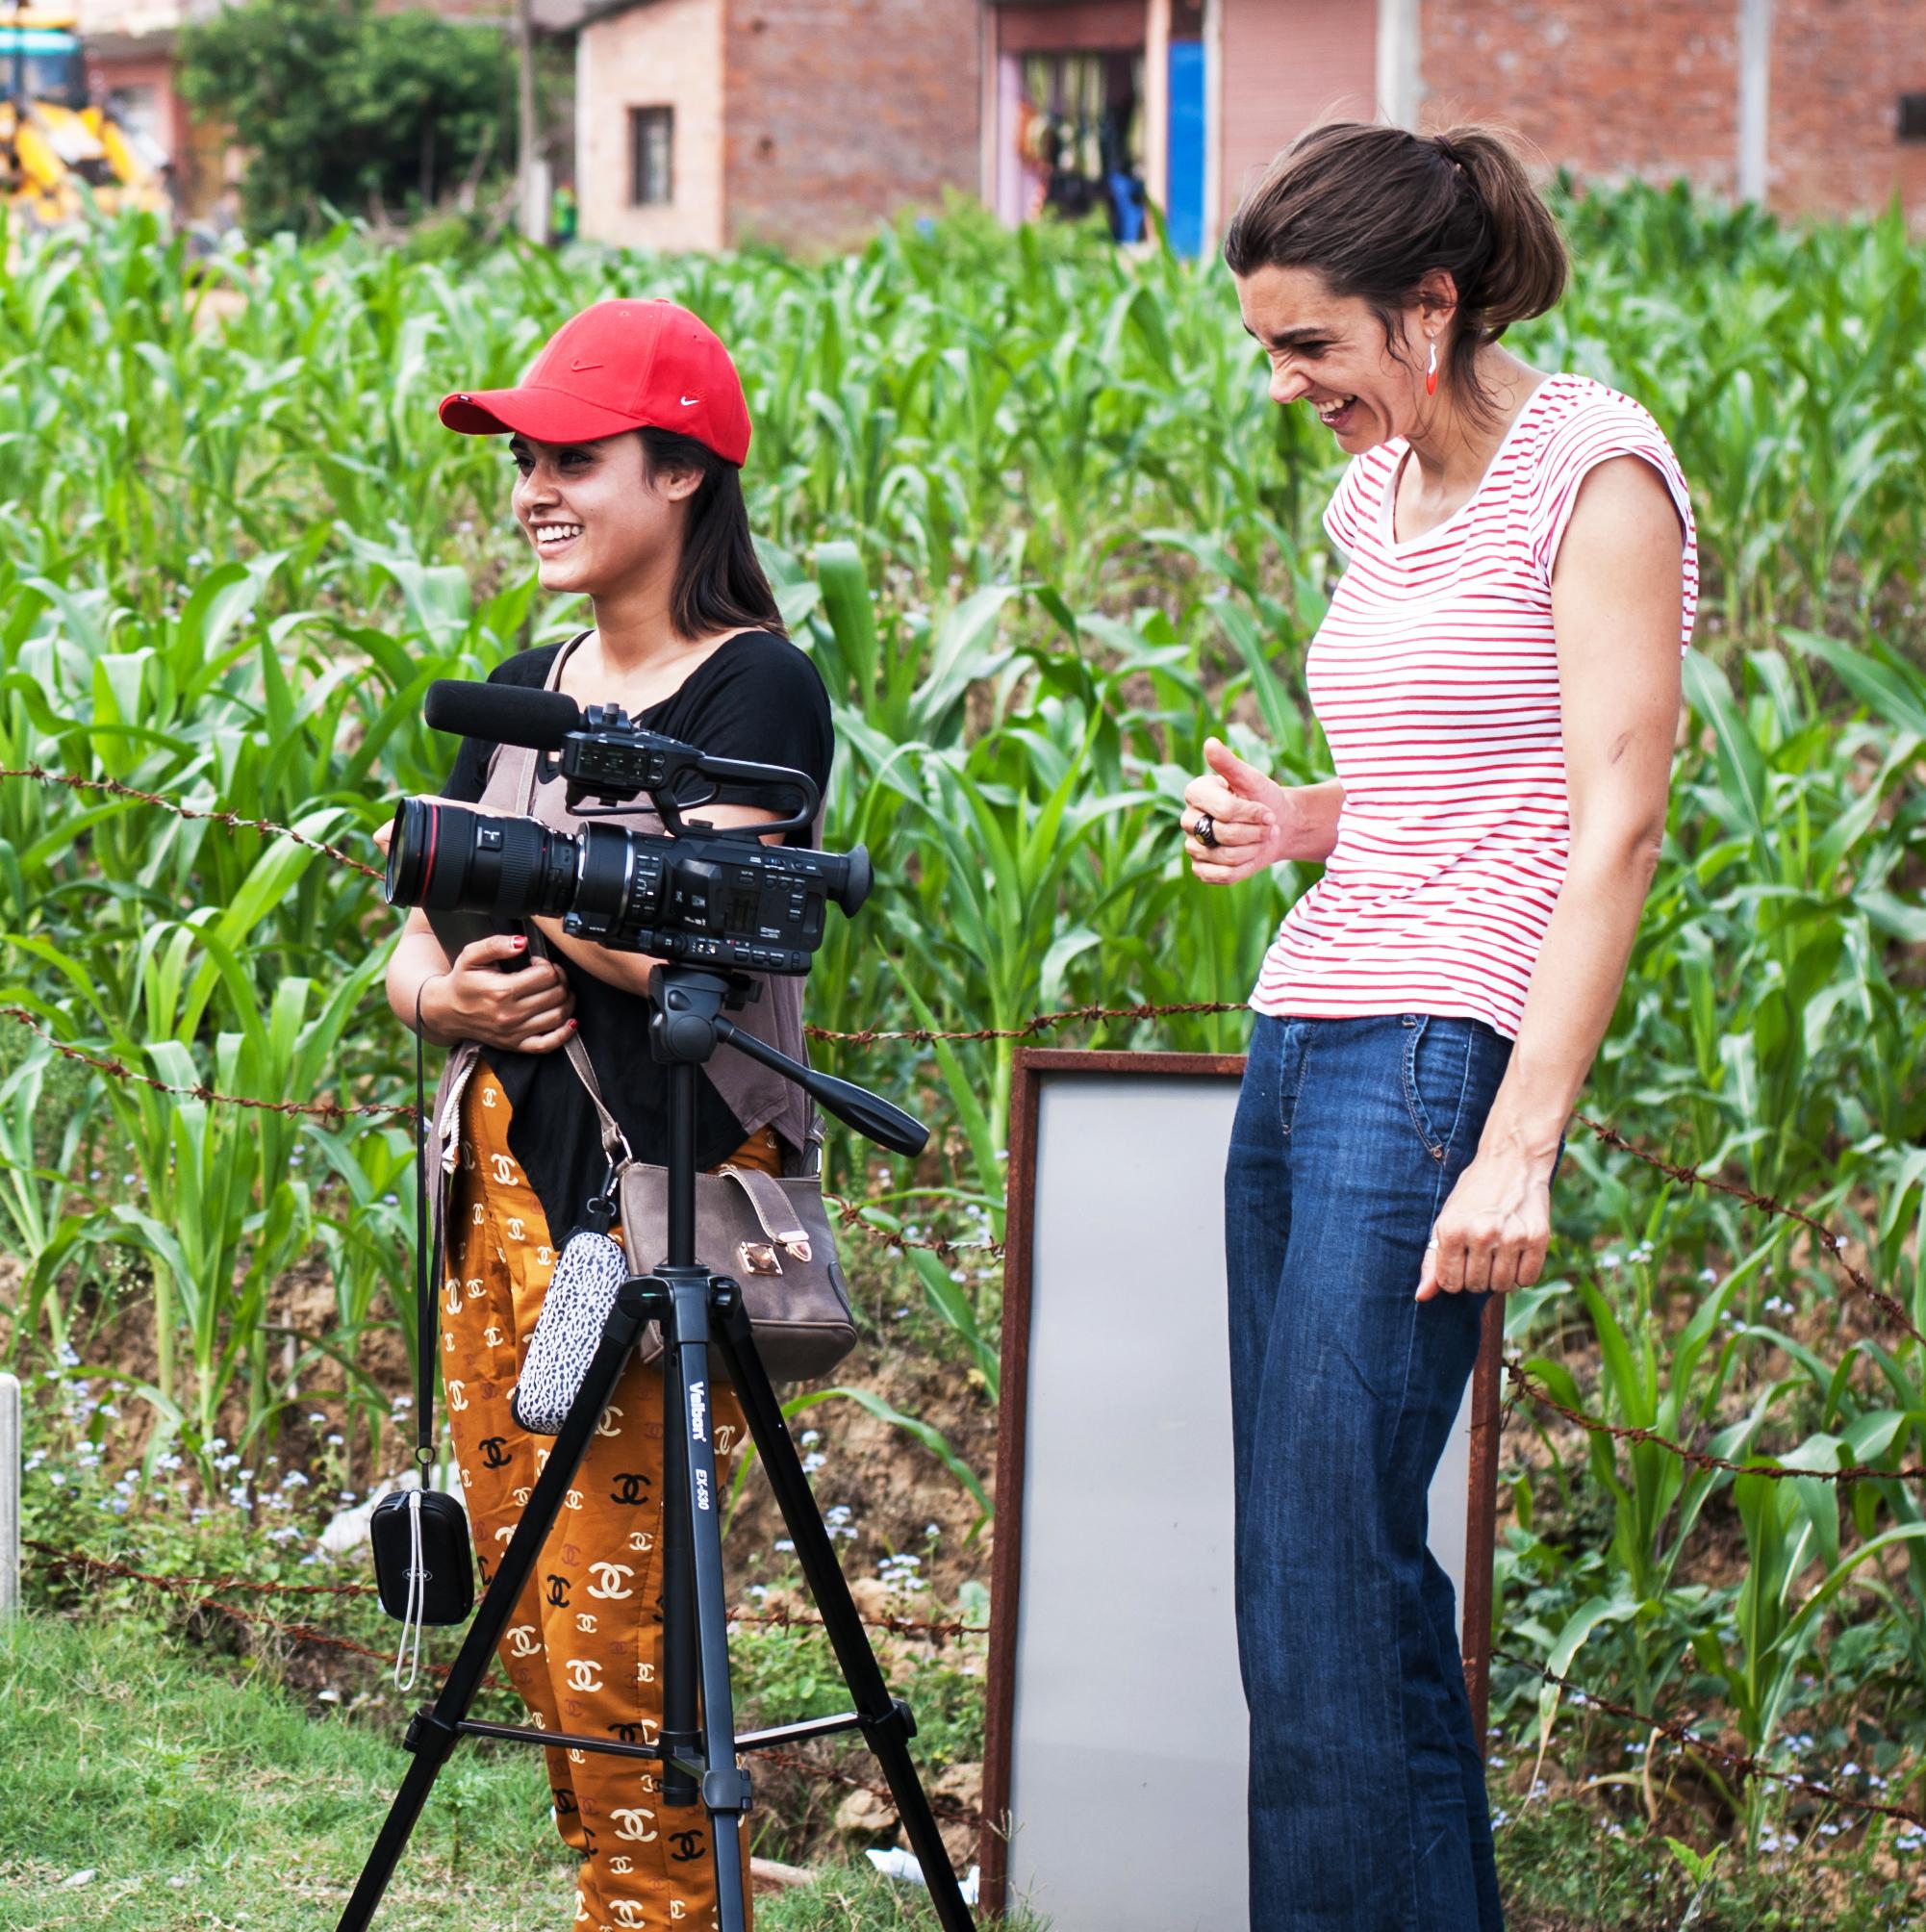 Filming in rural Nepal